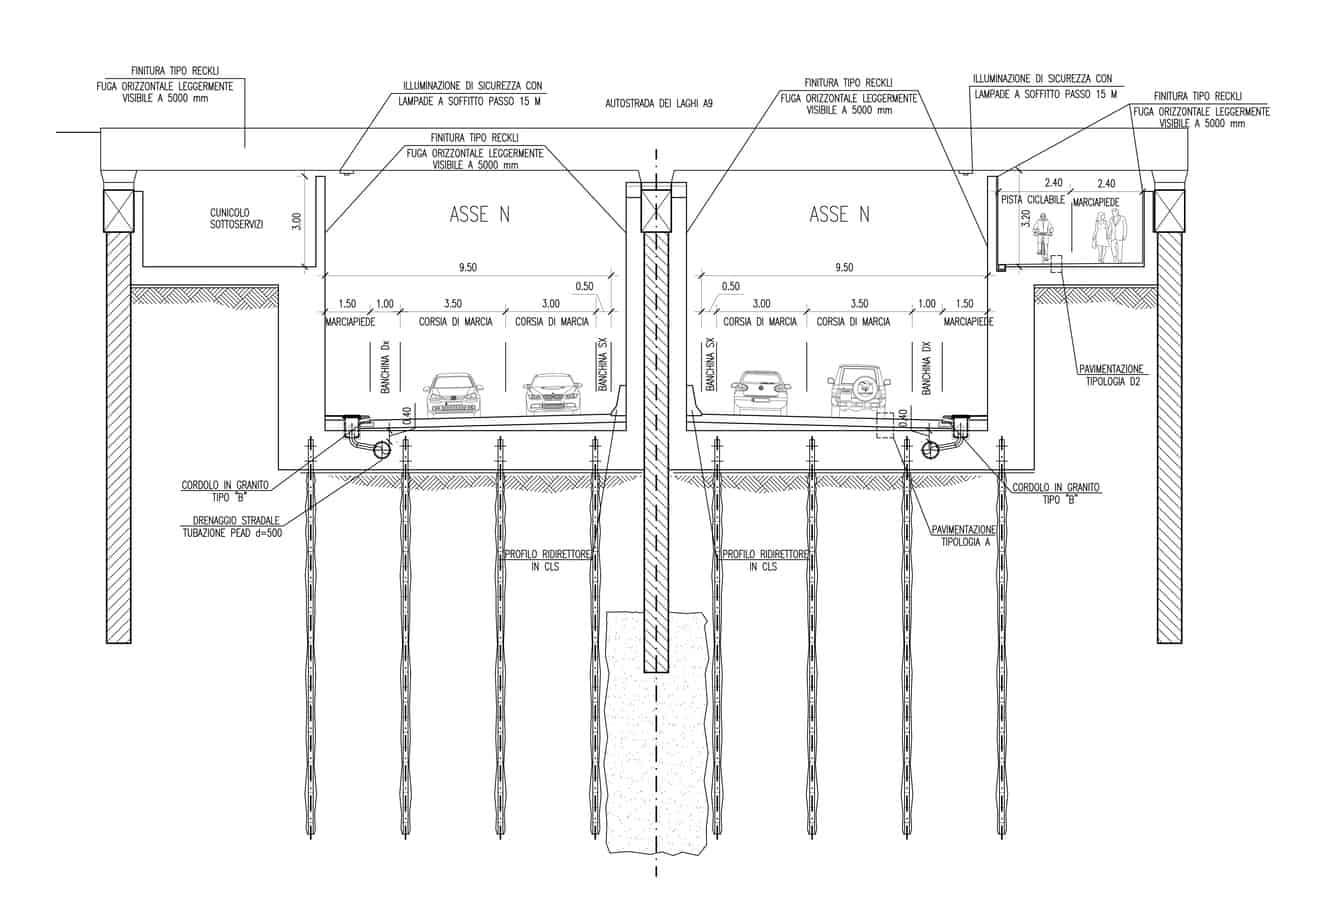 La sezione tipologica del sottopasso modificato di Largo Boccioni